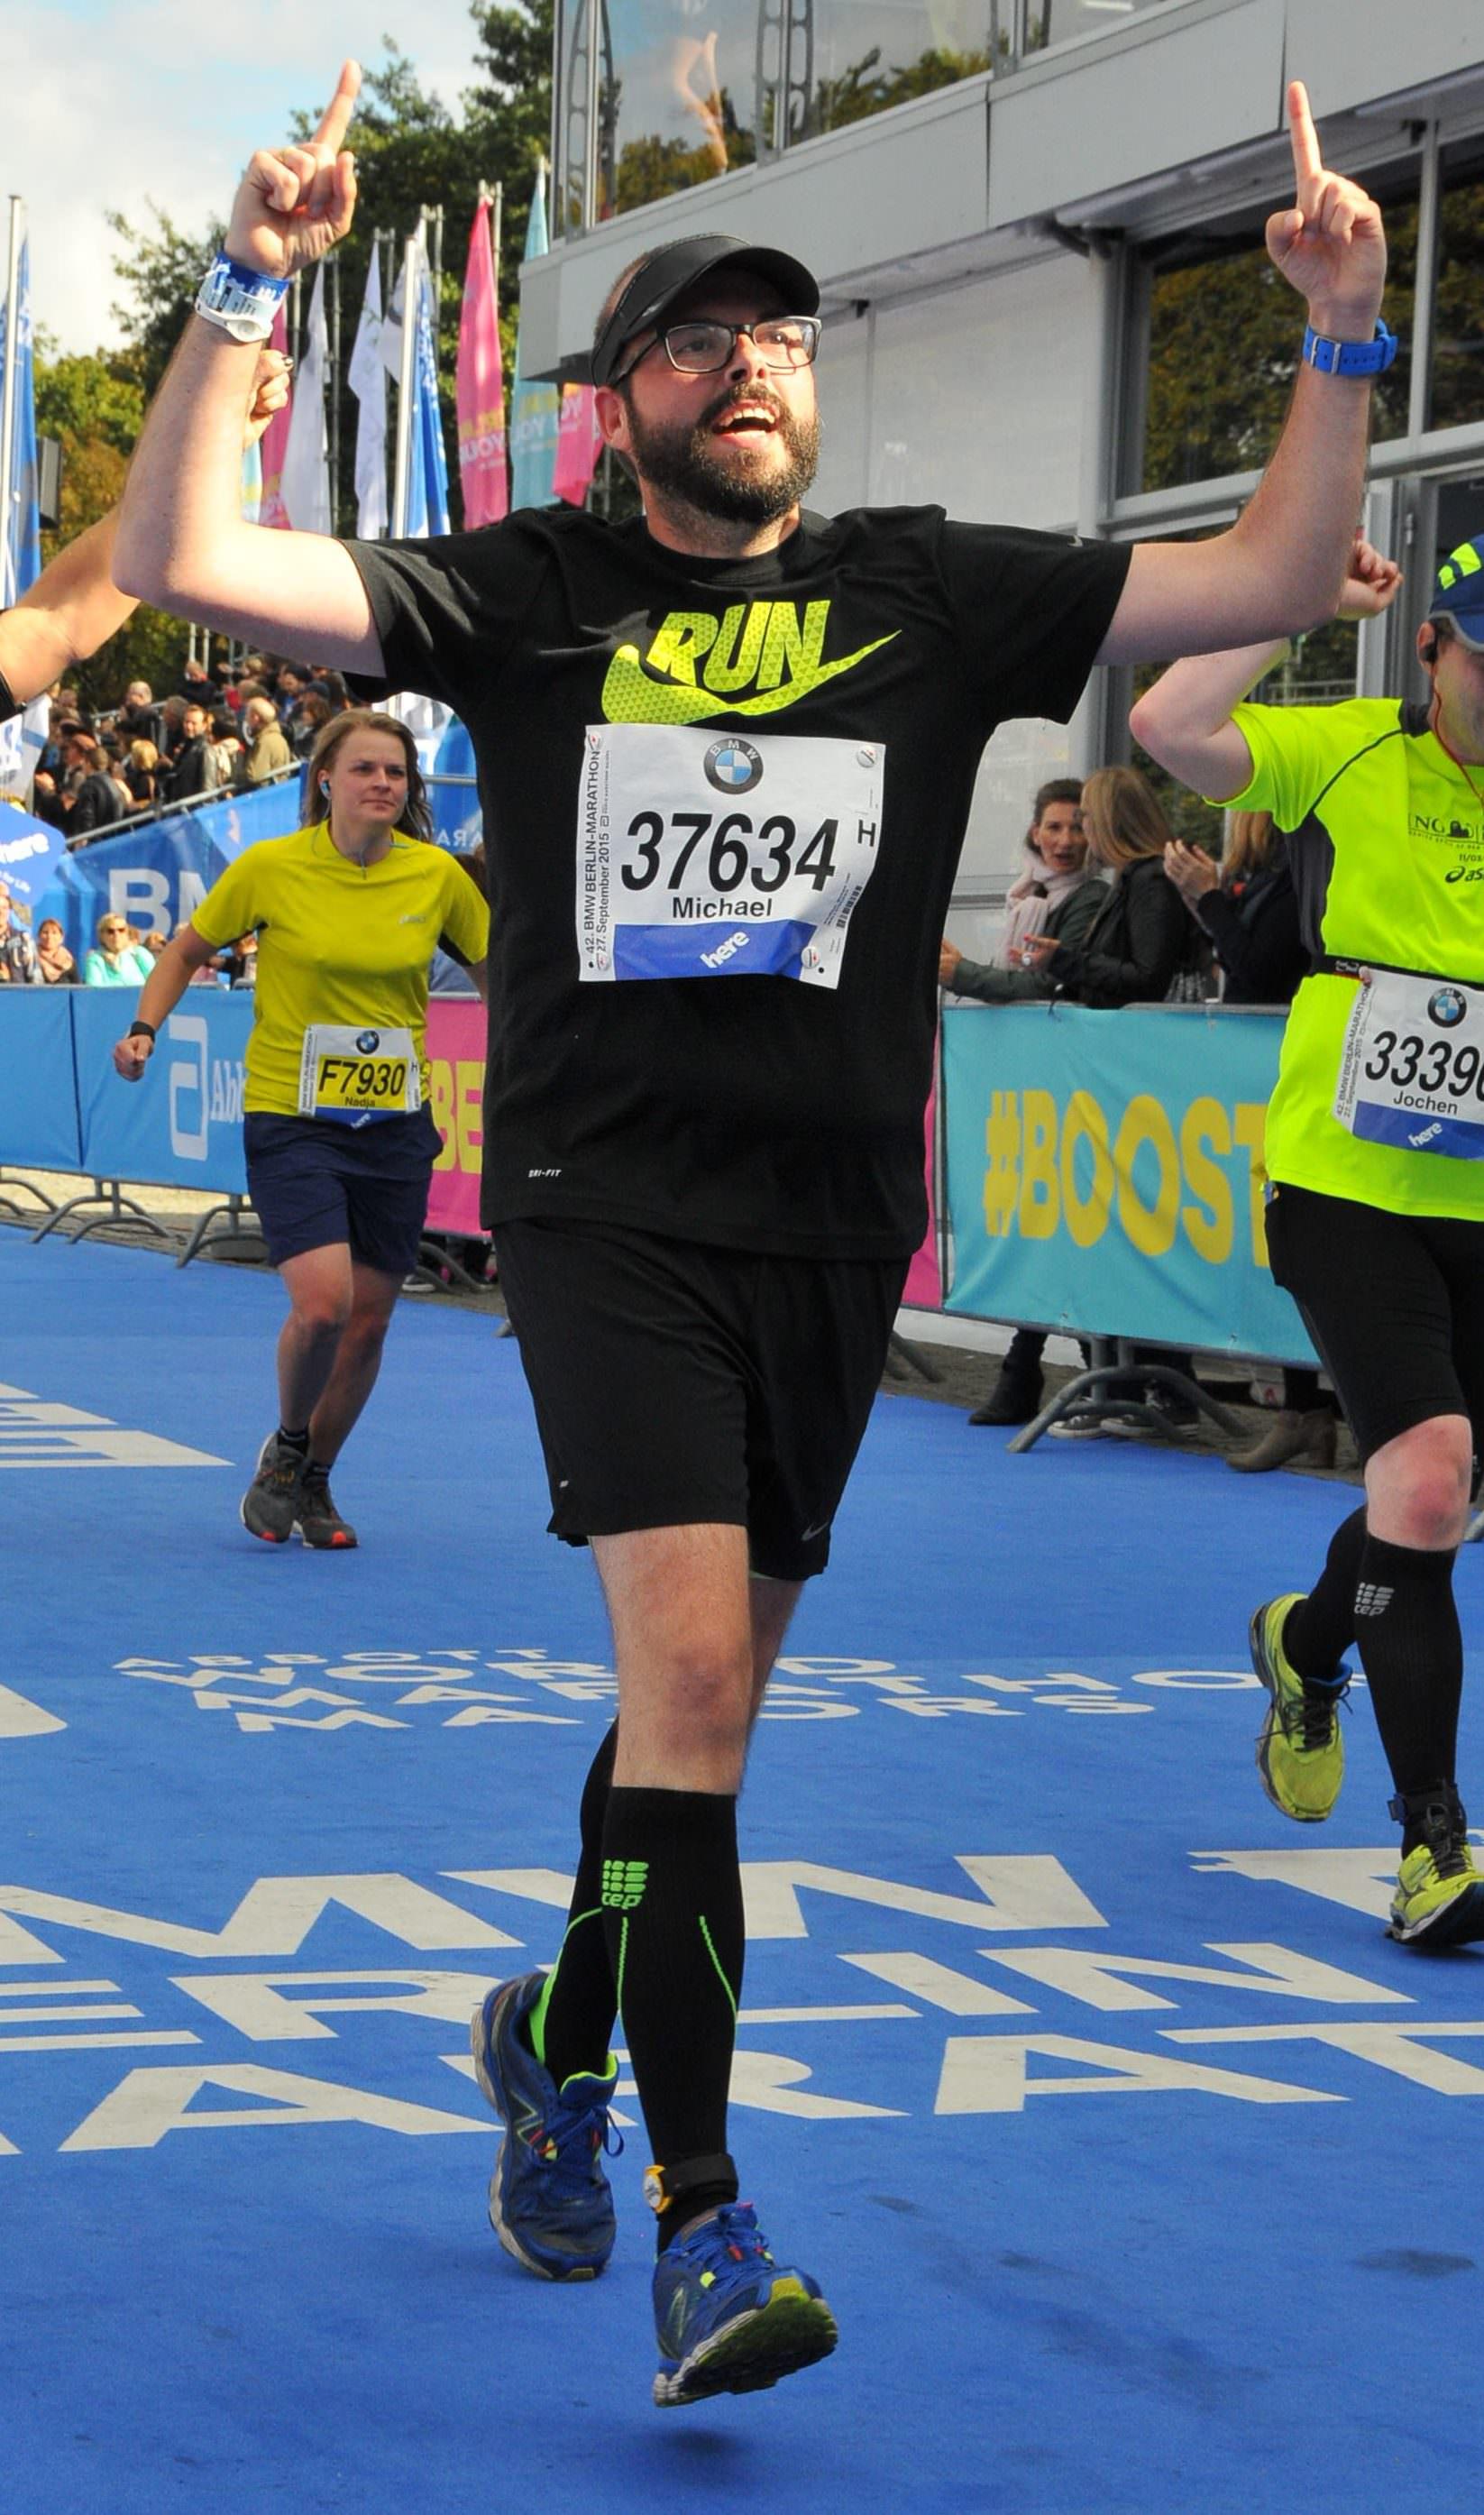 Michael läuft dank BodyChange den Berliner Marathon